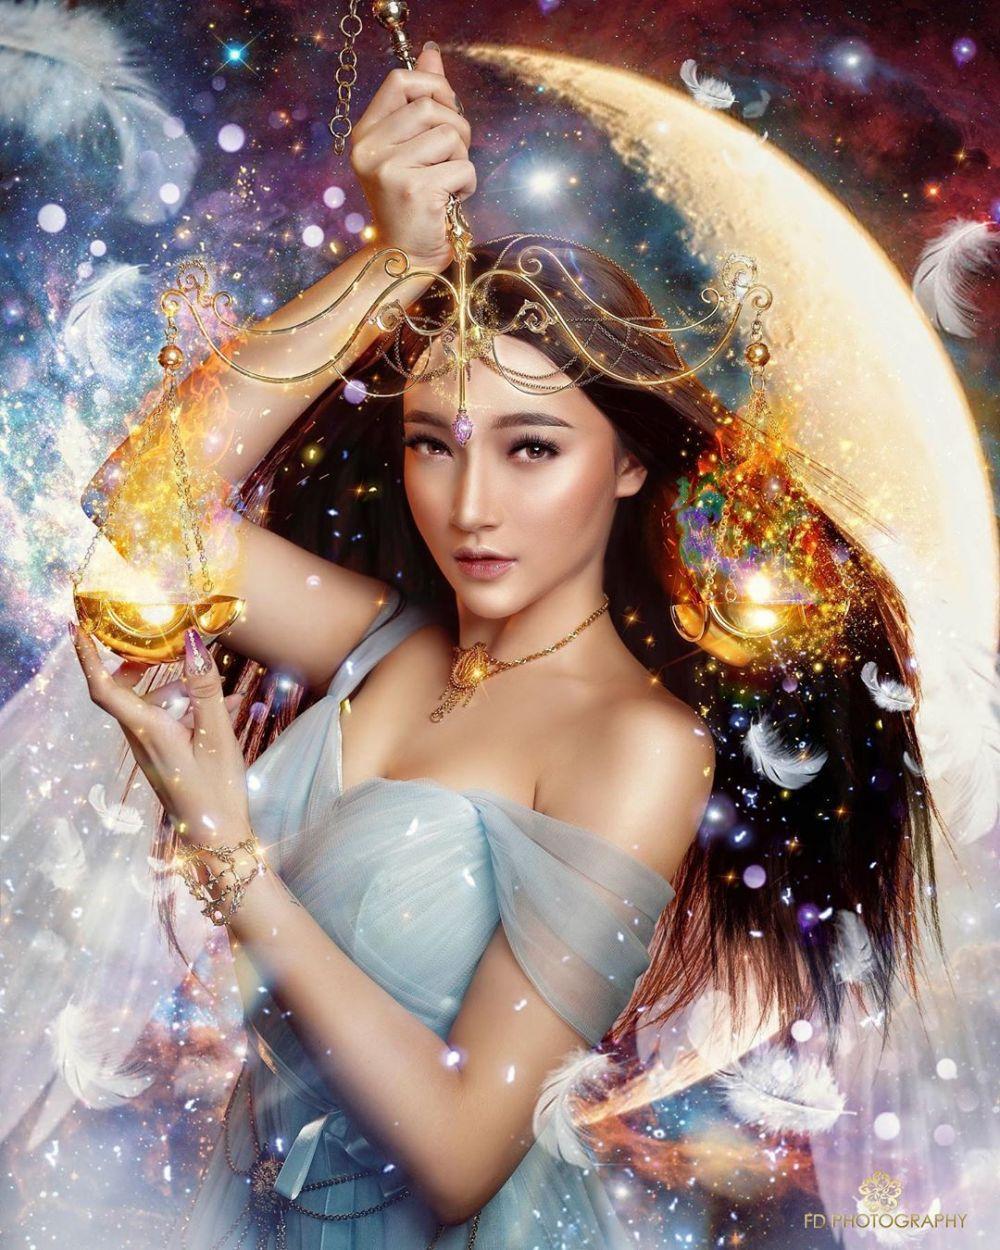 Bak Negeri Dongeng, 12 Pemotretan Artis Bertema Zodiak Ini Keren Abis